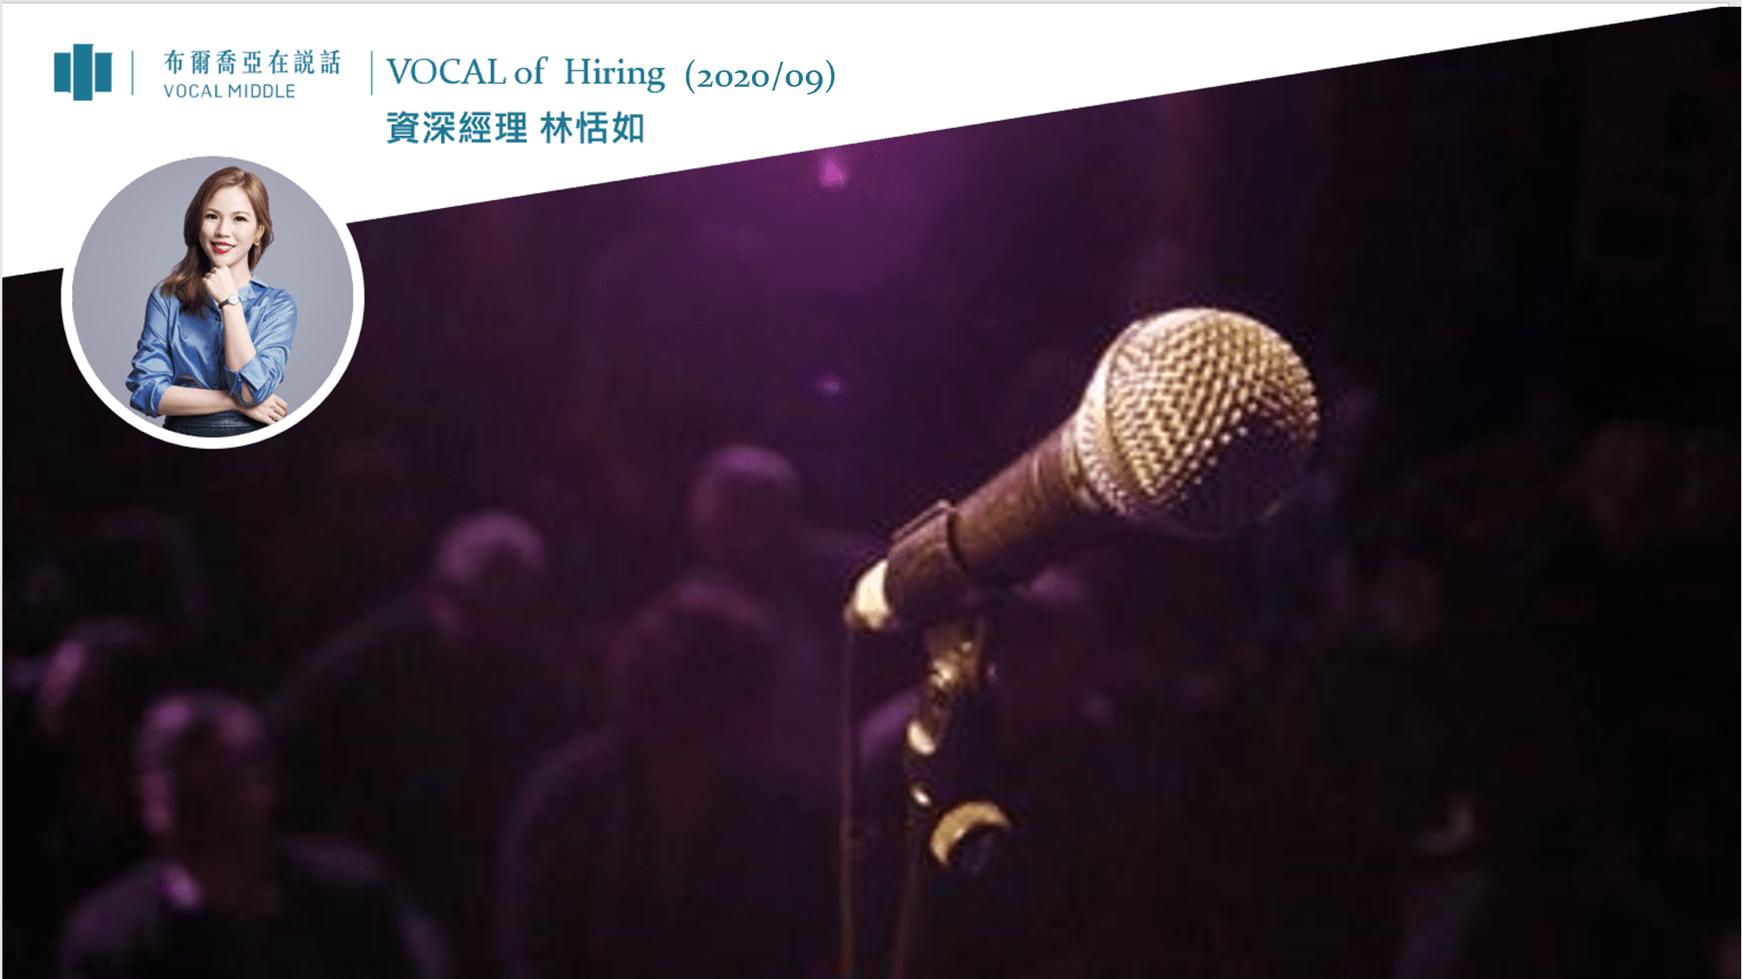 【VOCAL of Hiring】布爾喬亞面試很困難 ? 比起履歷我們更看重你的「觀點」與「所思所想」